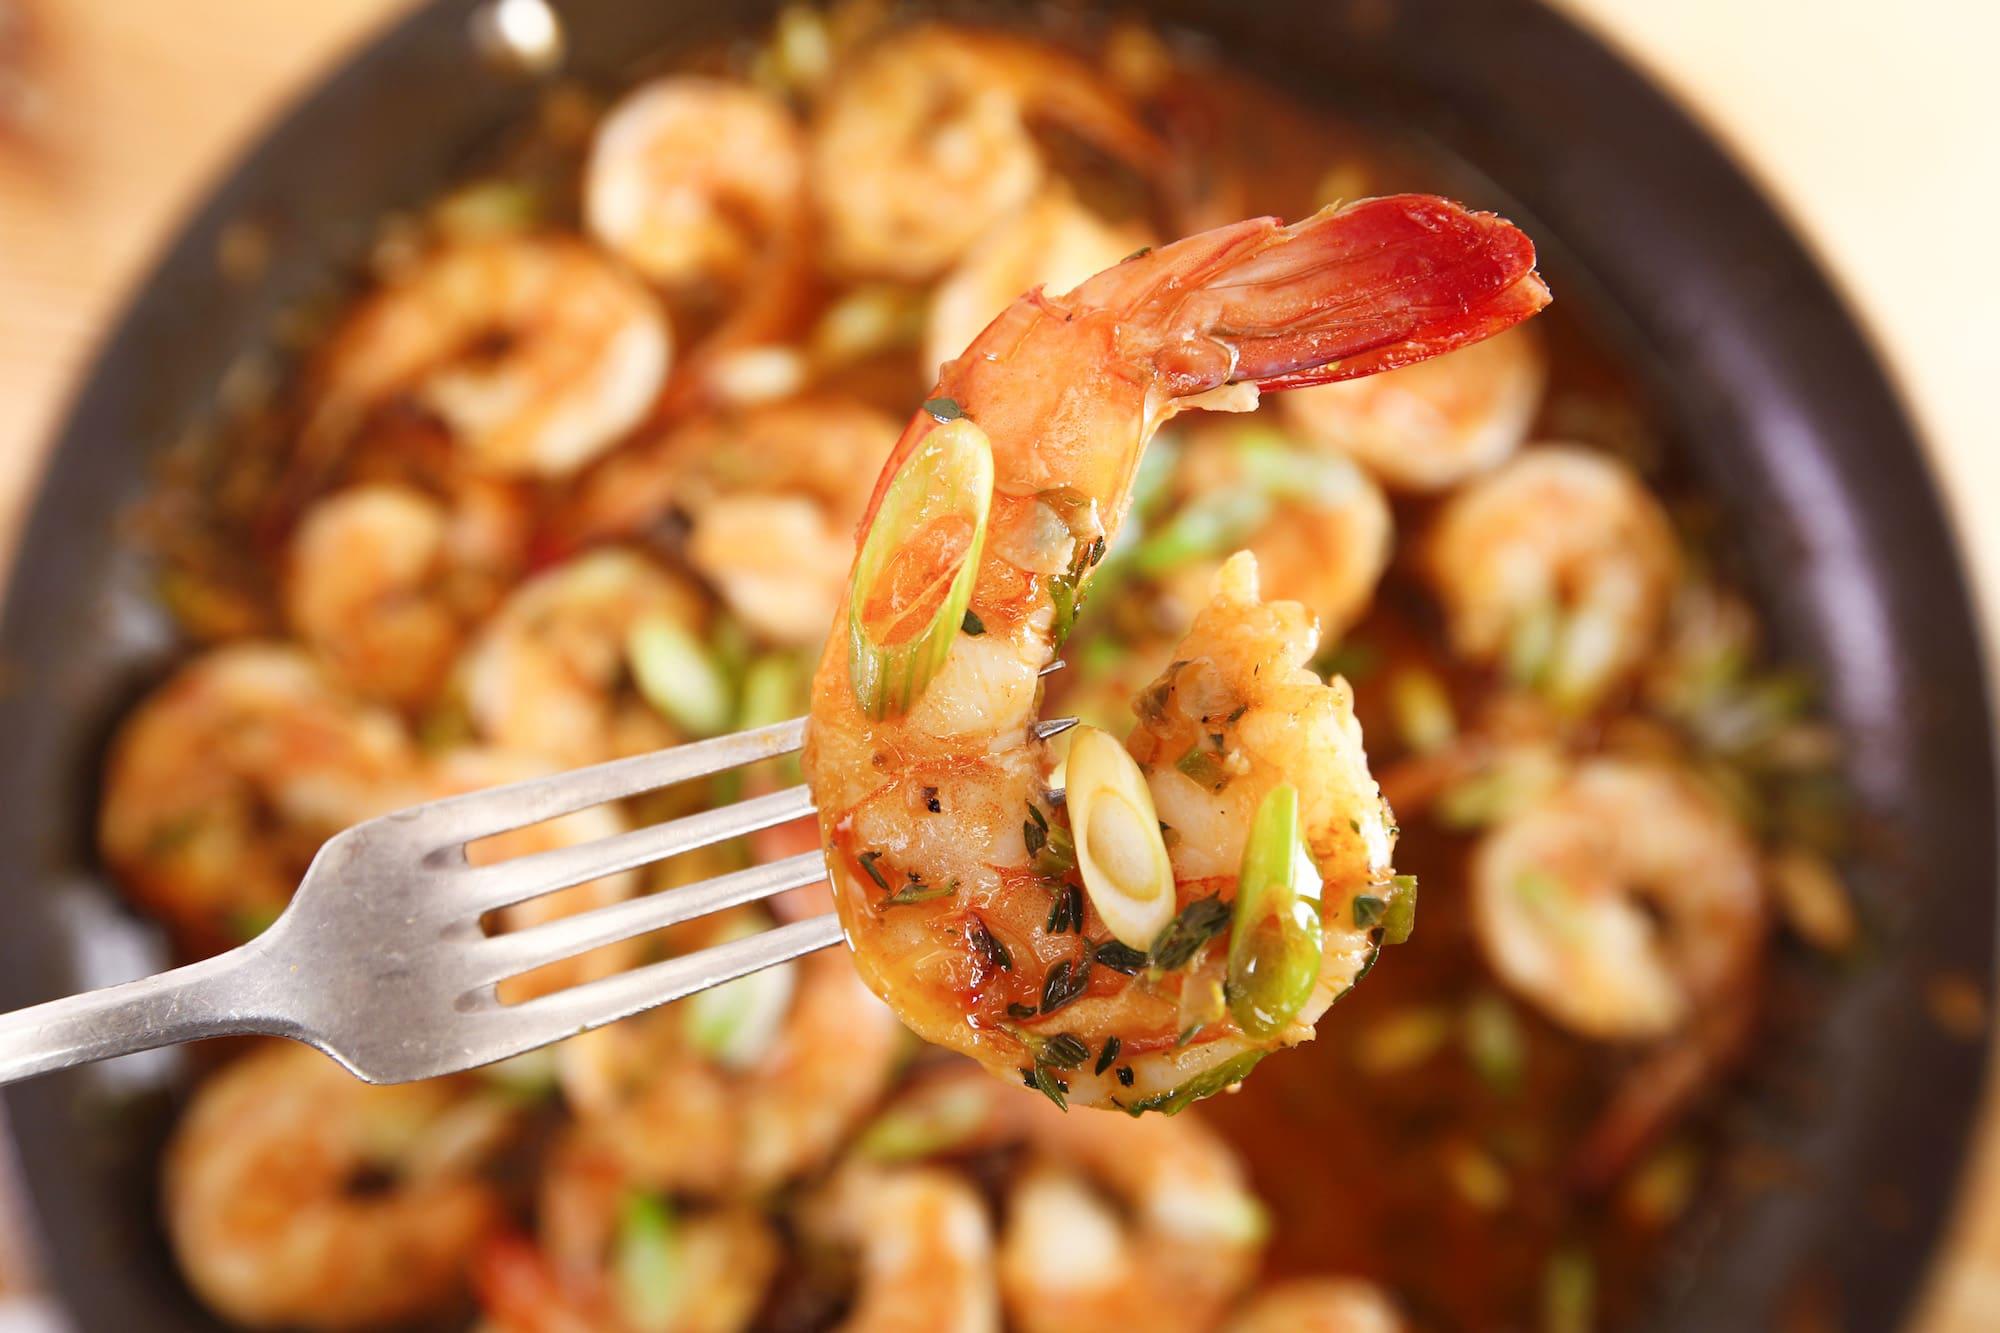 Rachael's Boiler Maker Shrimp Scampi